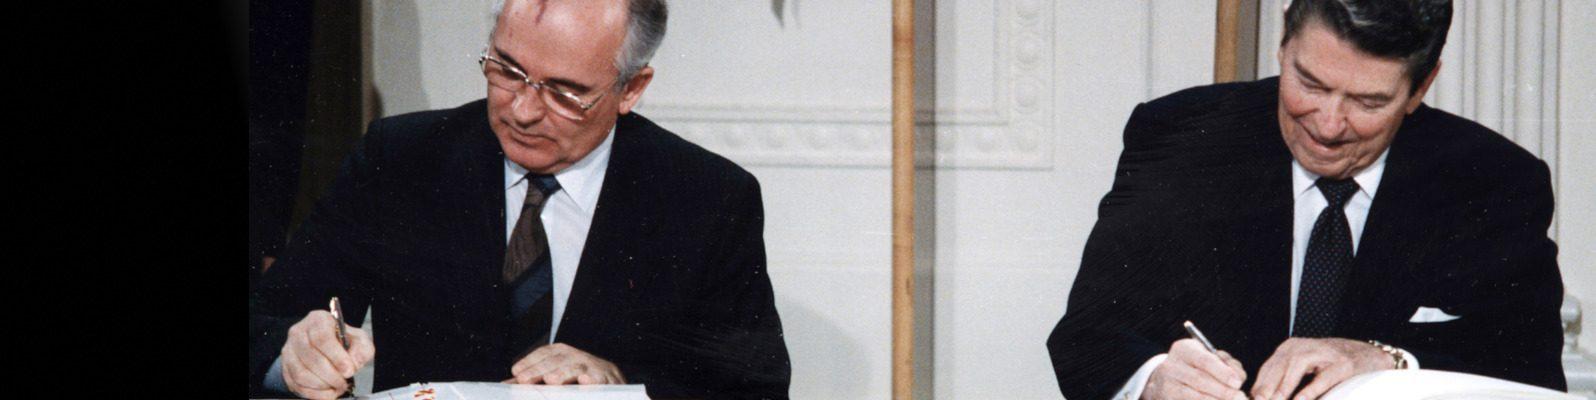 Michail Gorbatschow: Den INF-Vertrag retten!